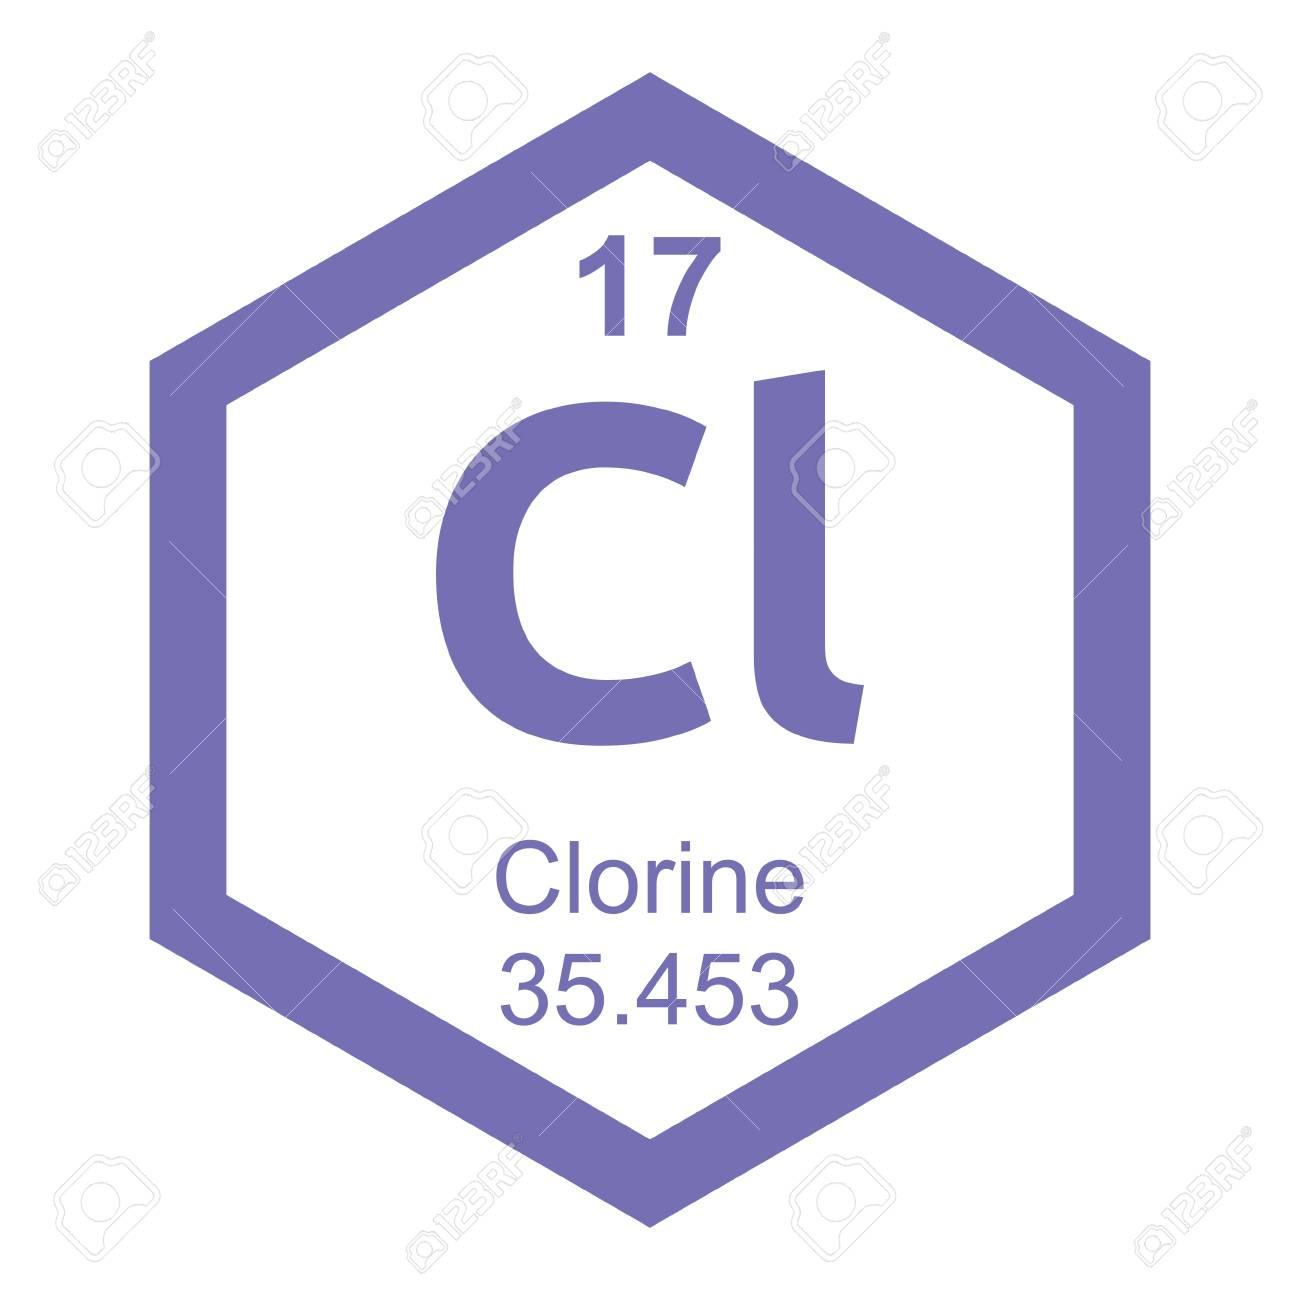 Periodic table Clorine - 41503054